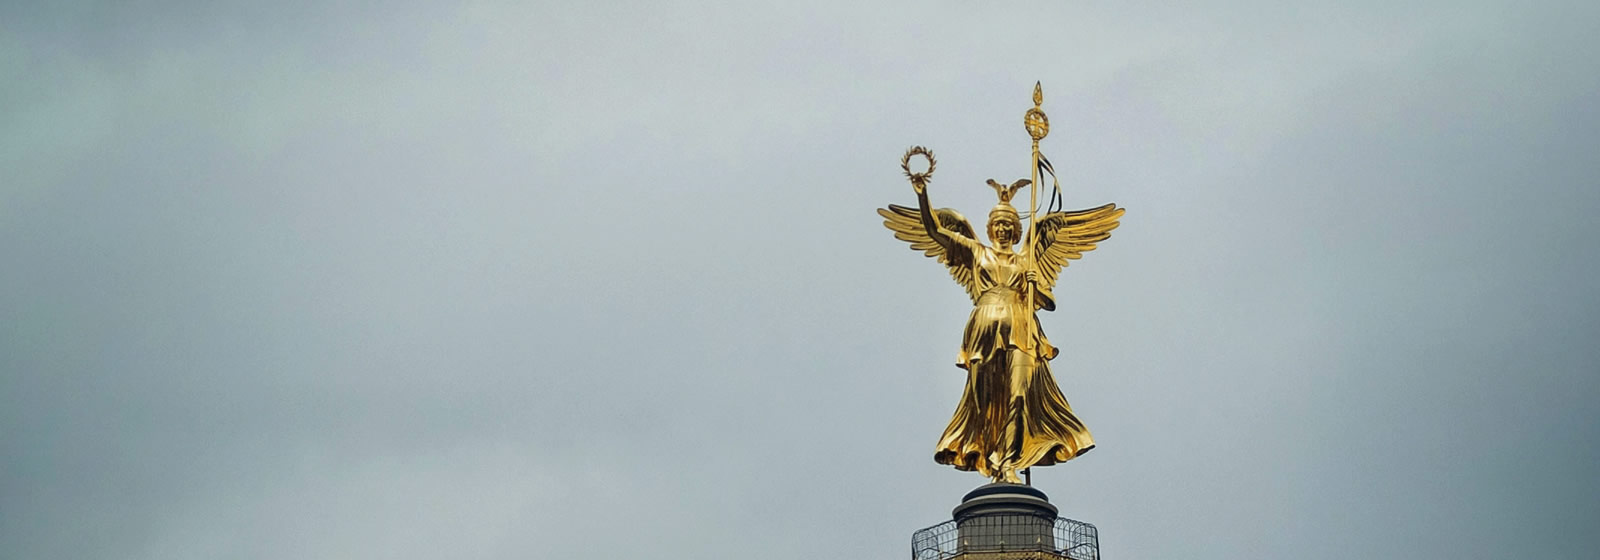 imagen de Berlin